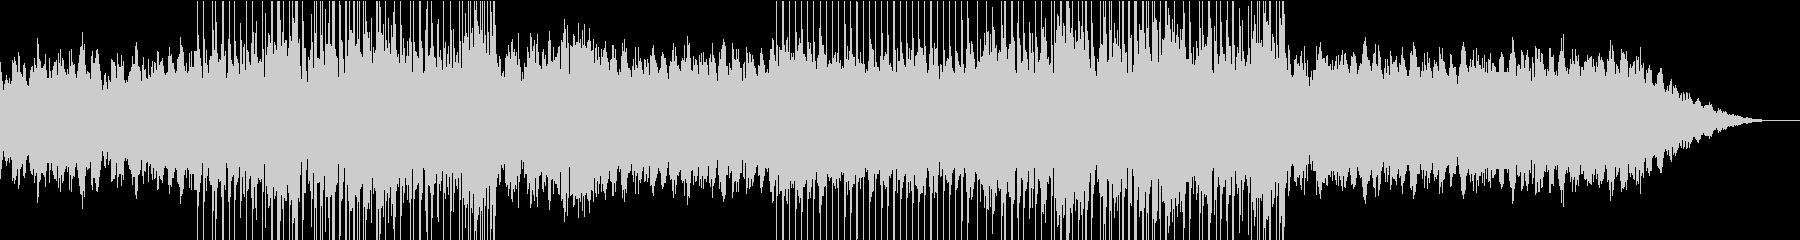 きらきらと流れるようなピアノ旋律の未再生の波形